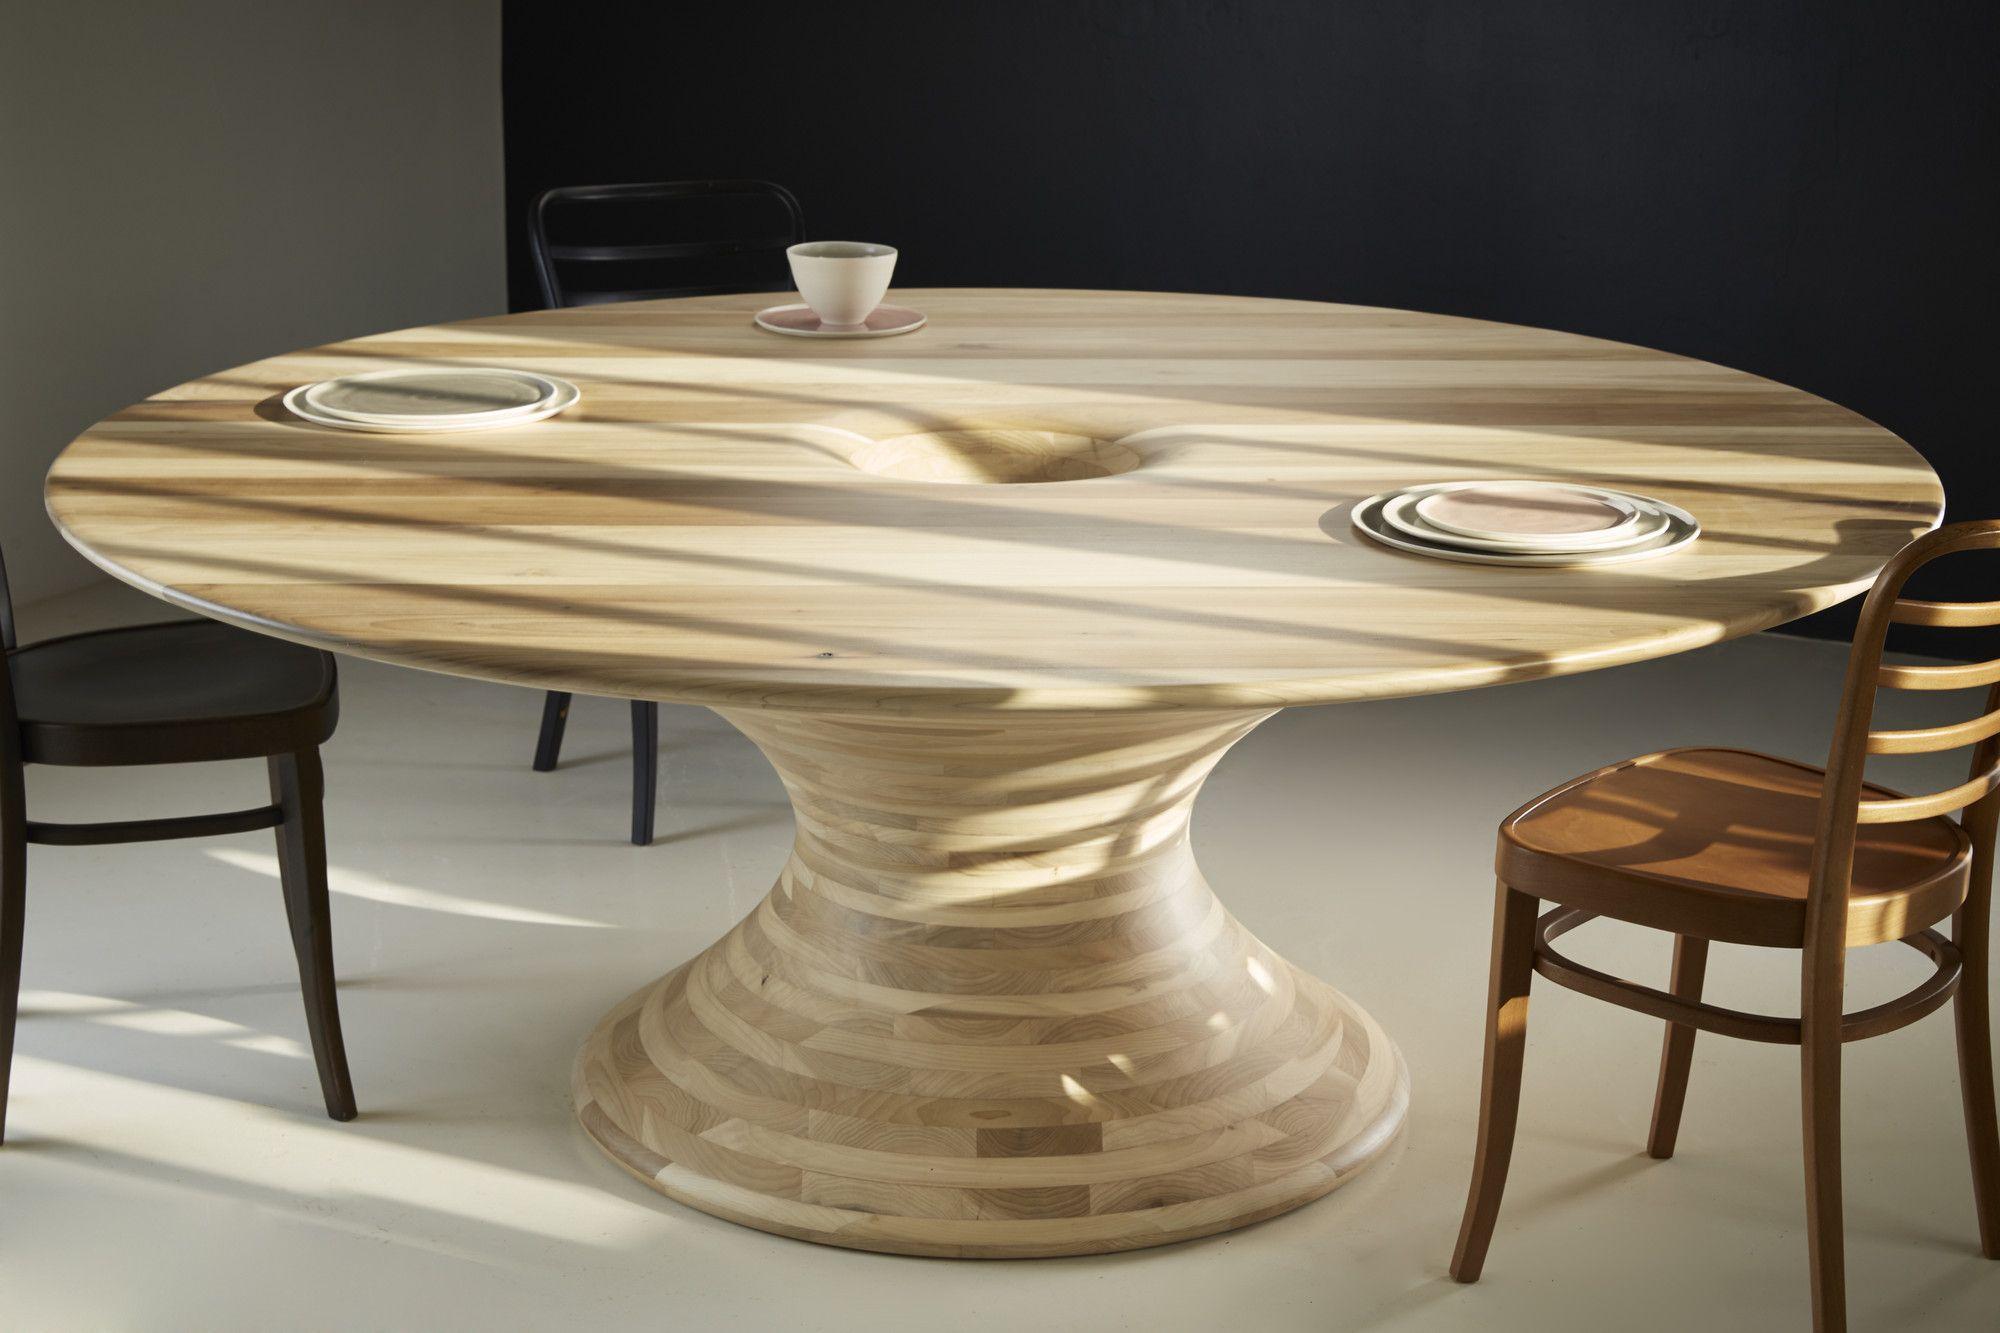 Dining Table Alex De Rijke + Barnby & Day